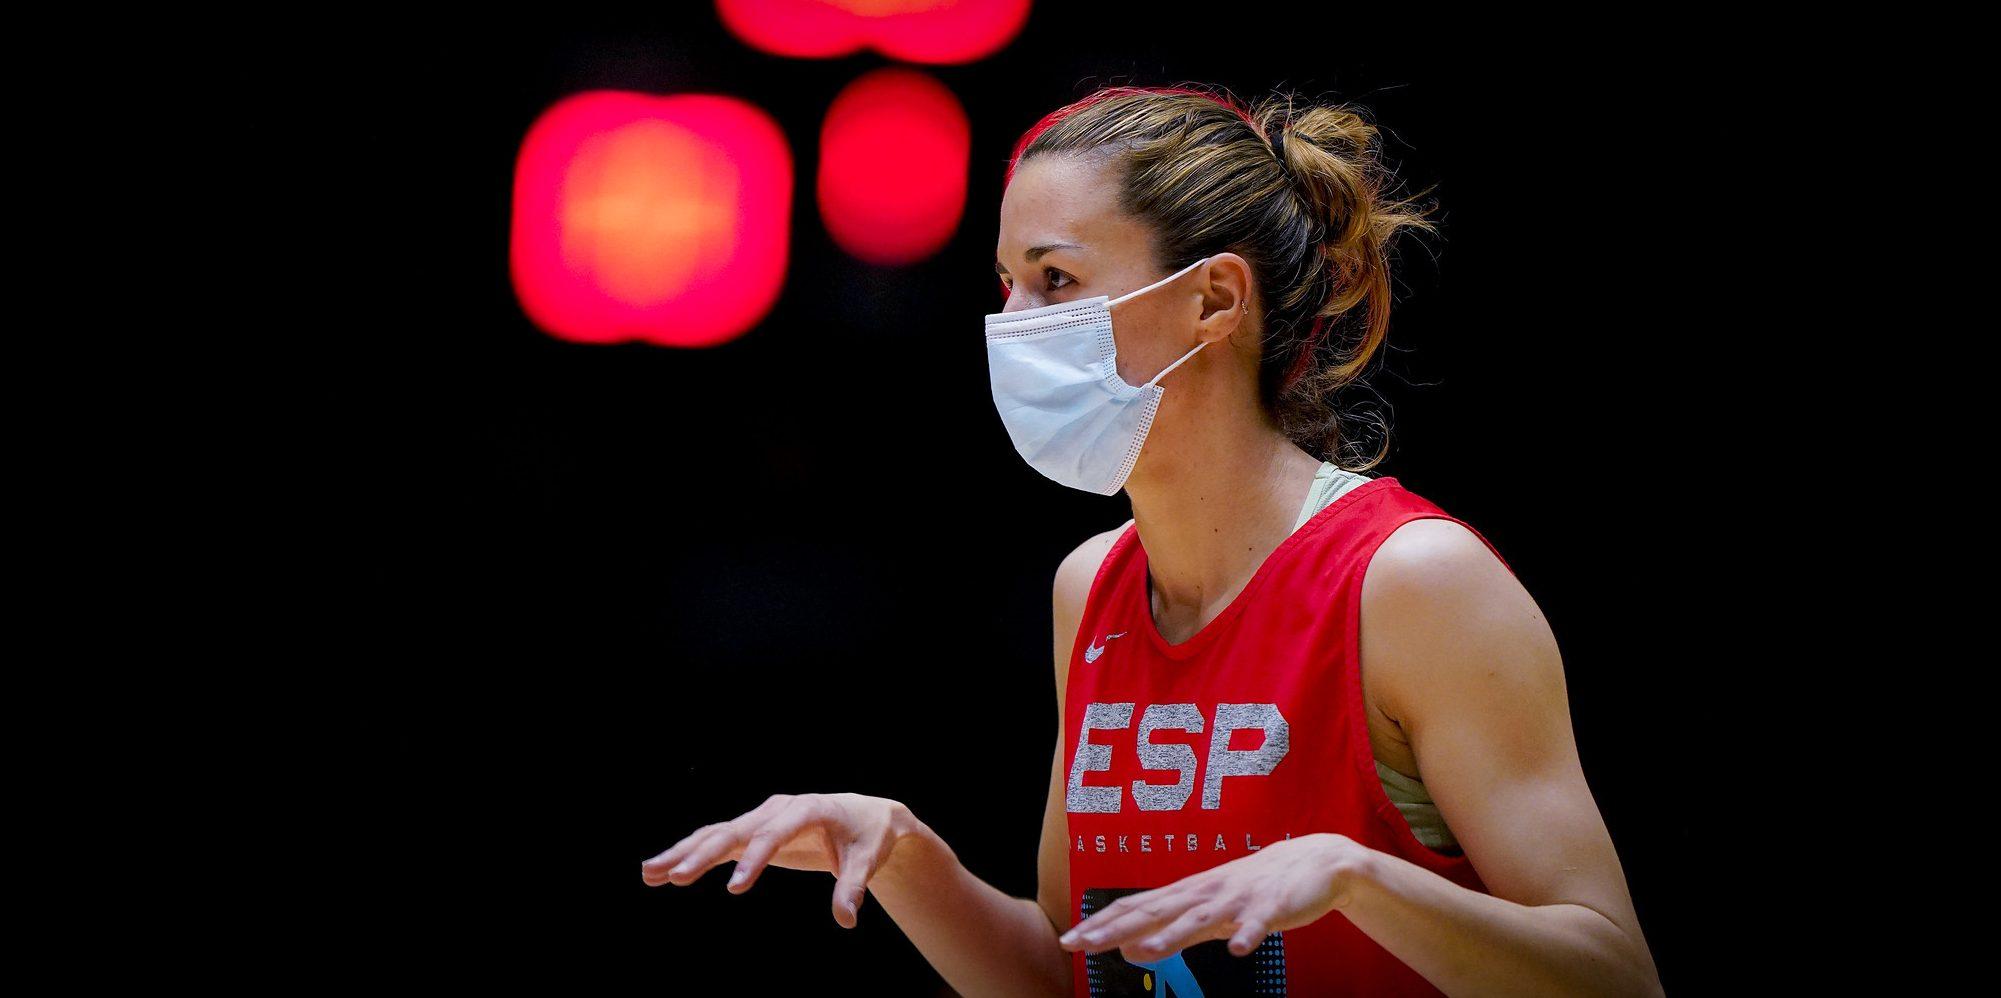 La Selección Española se mantiene optimista para el EuroBasket